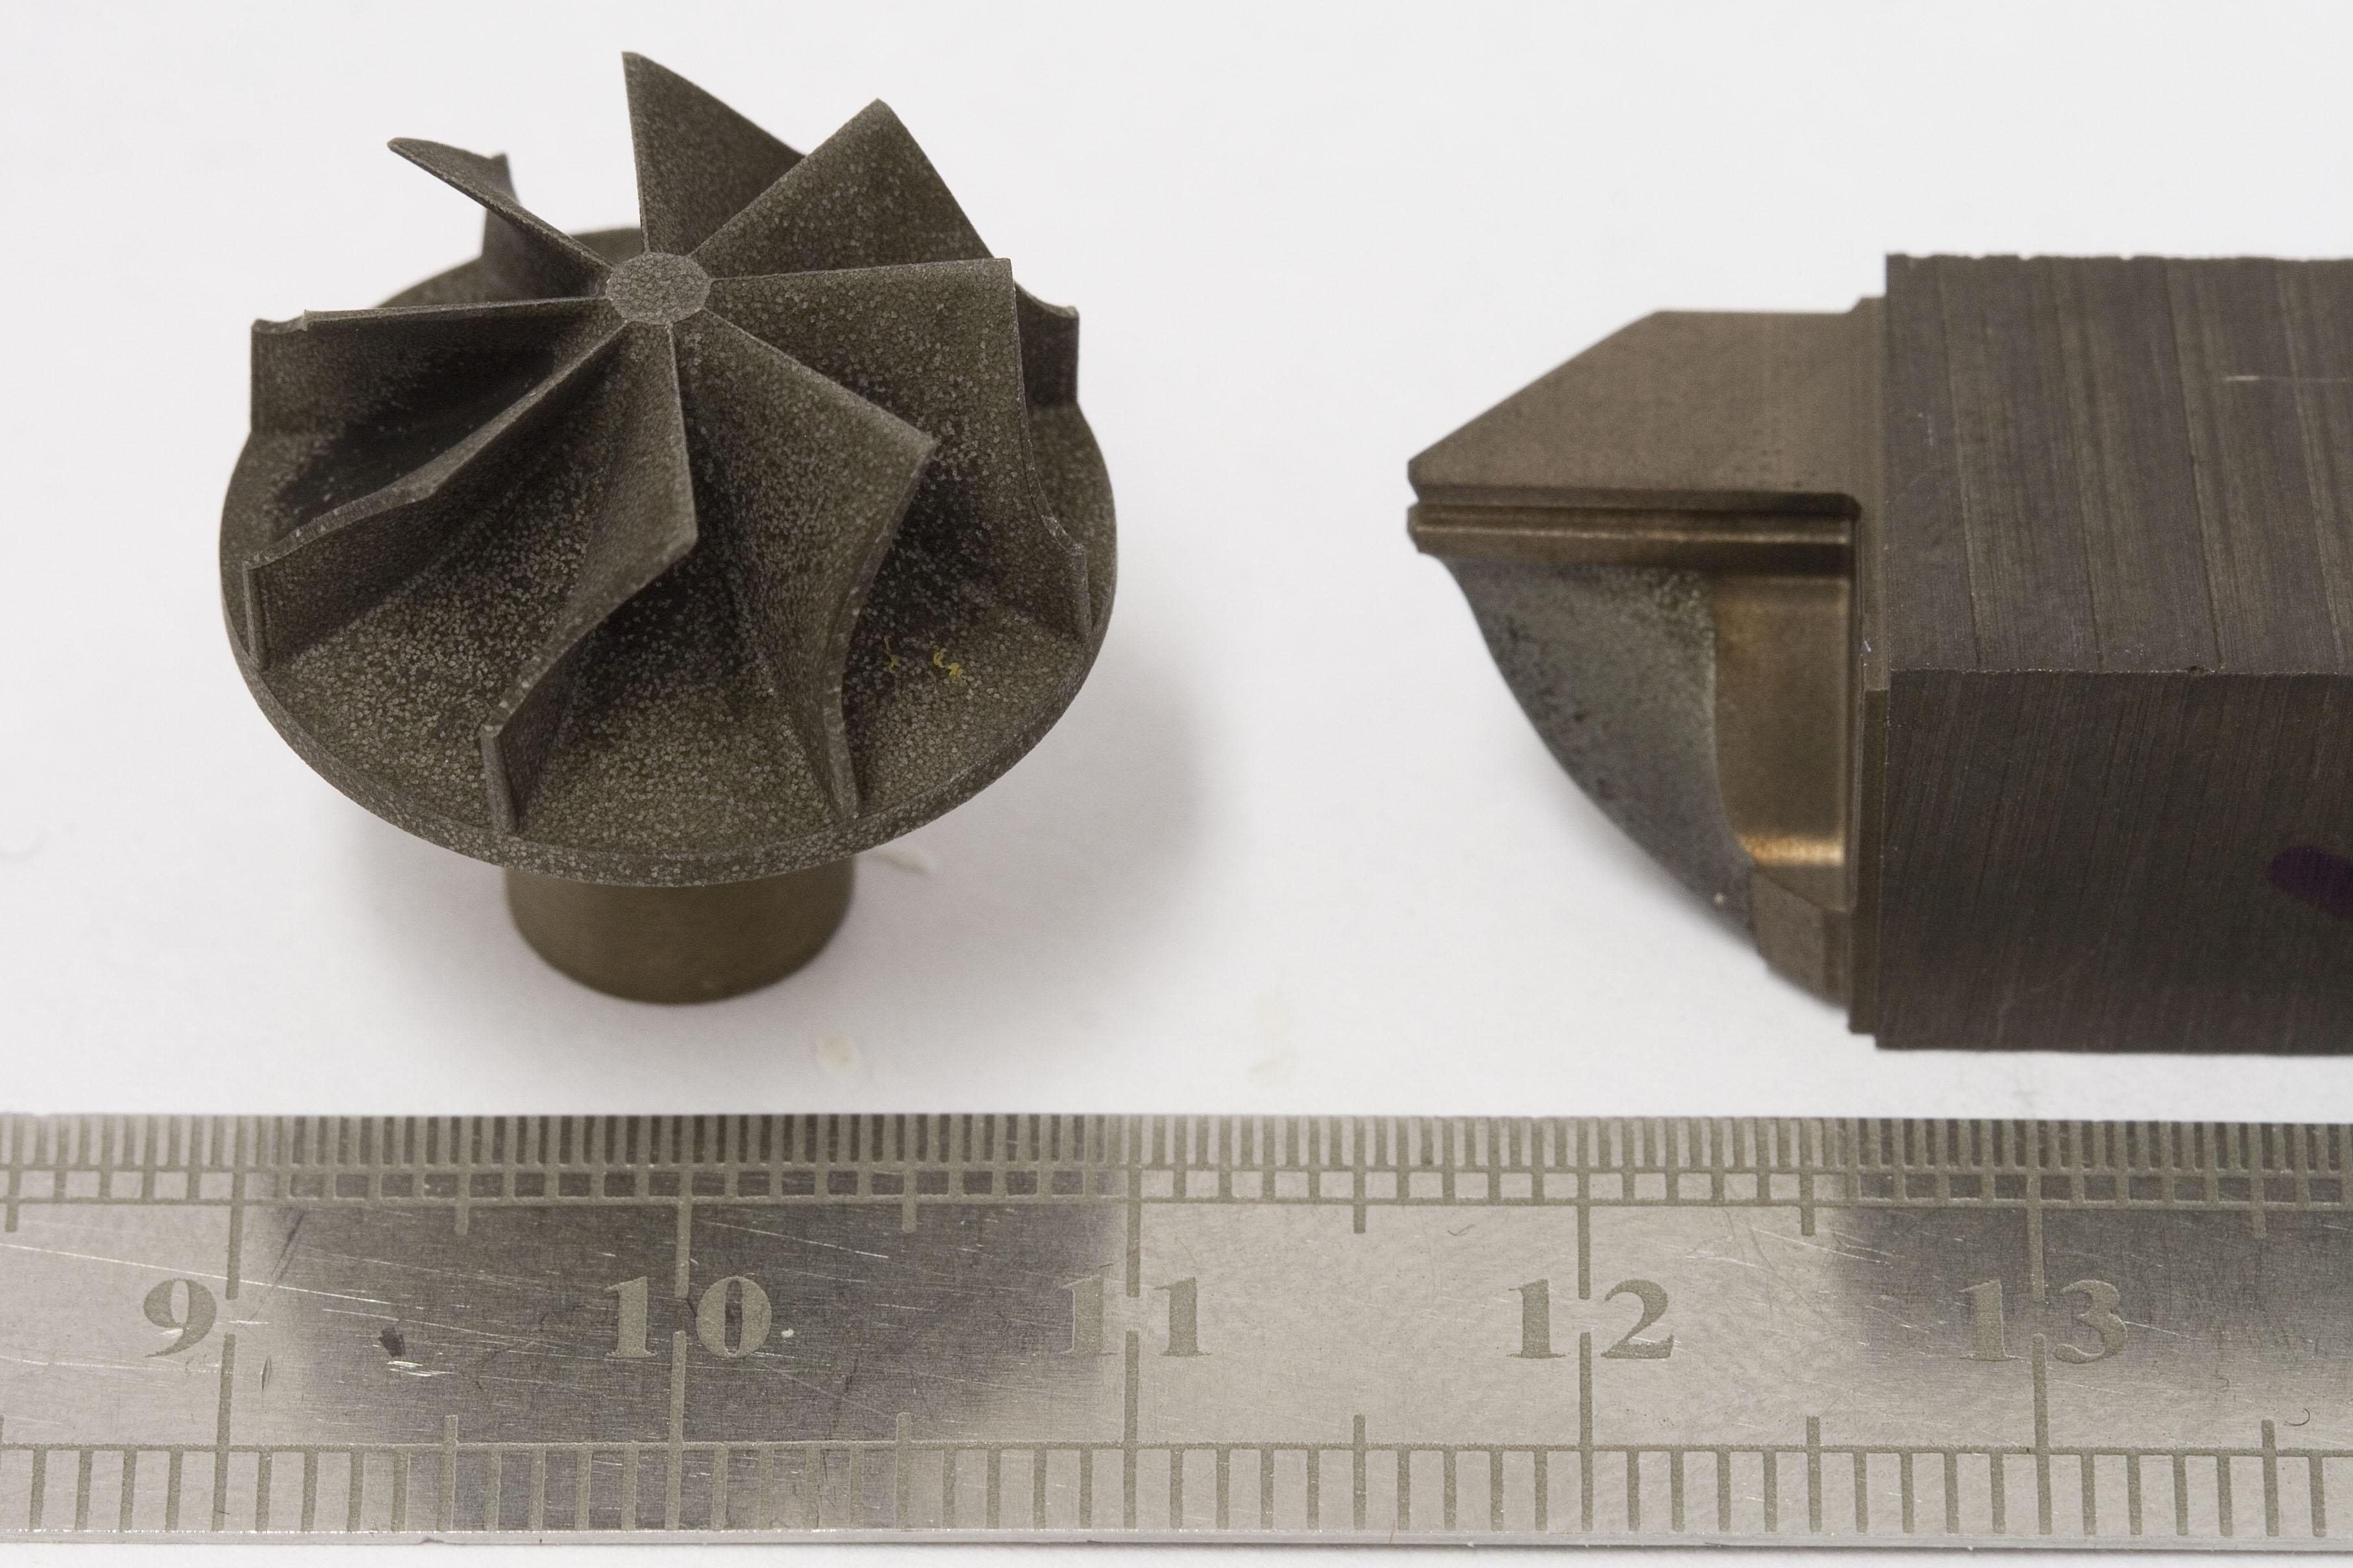 Micro gasturbine